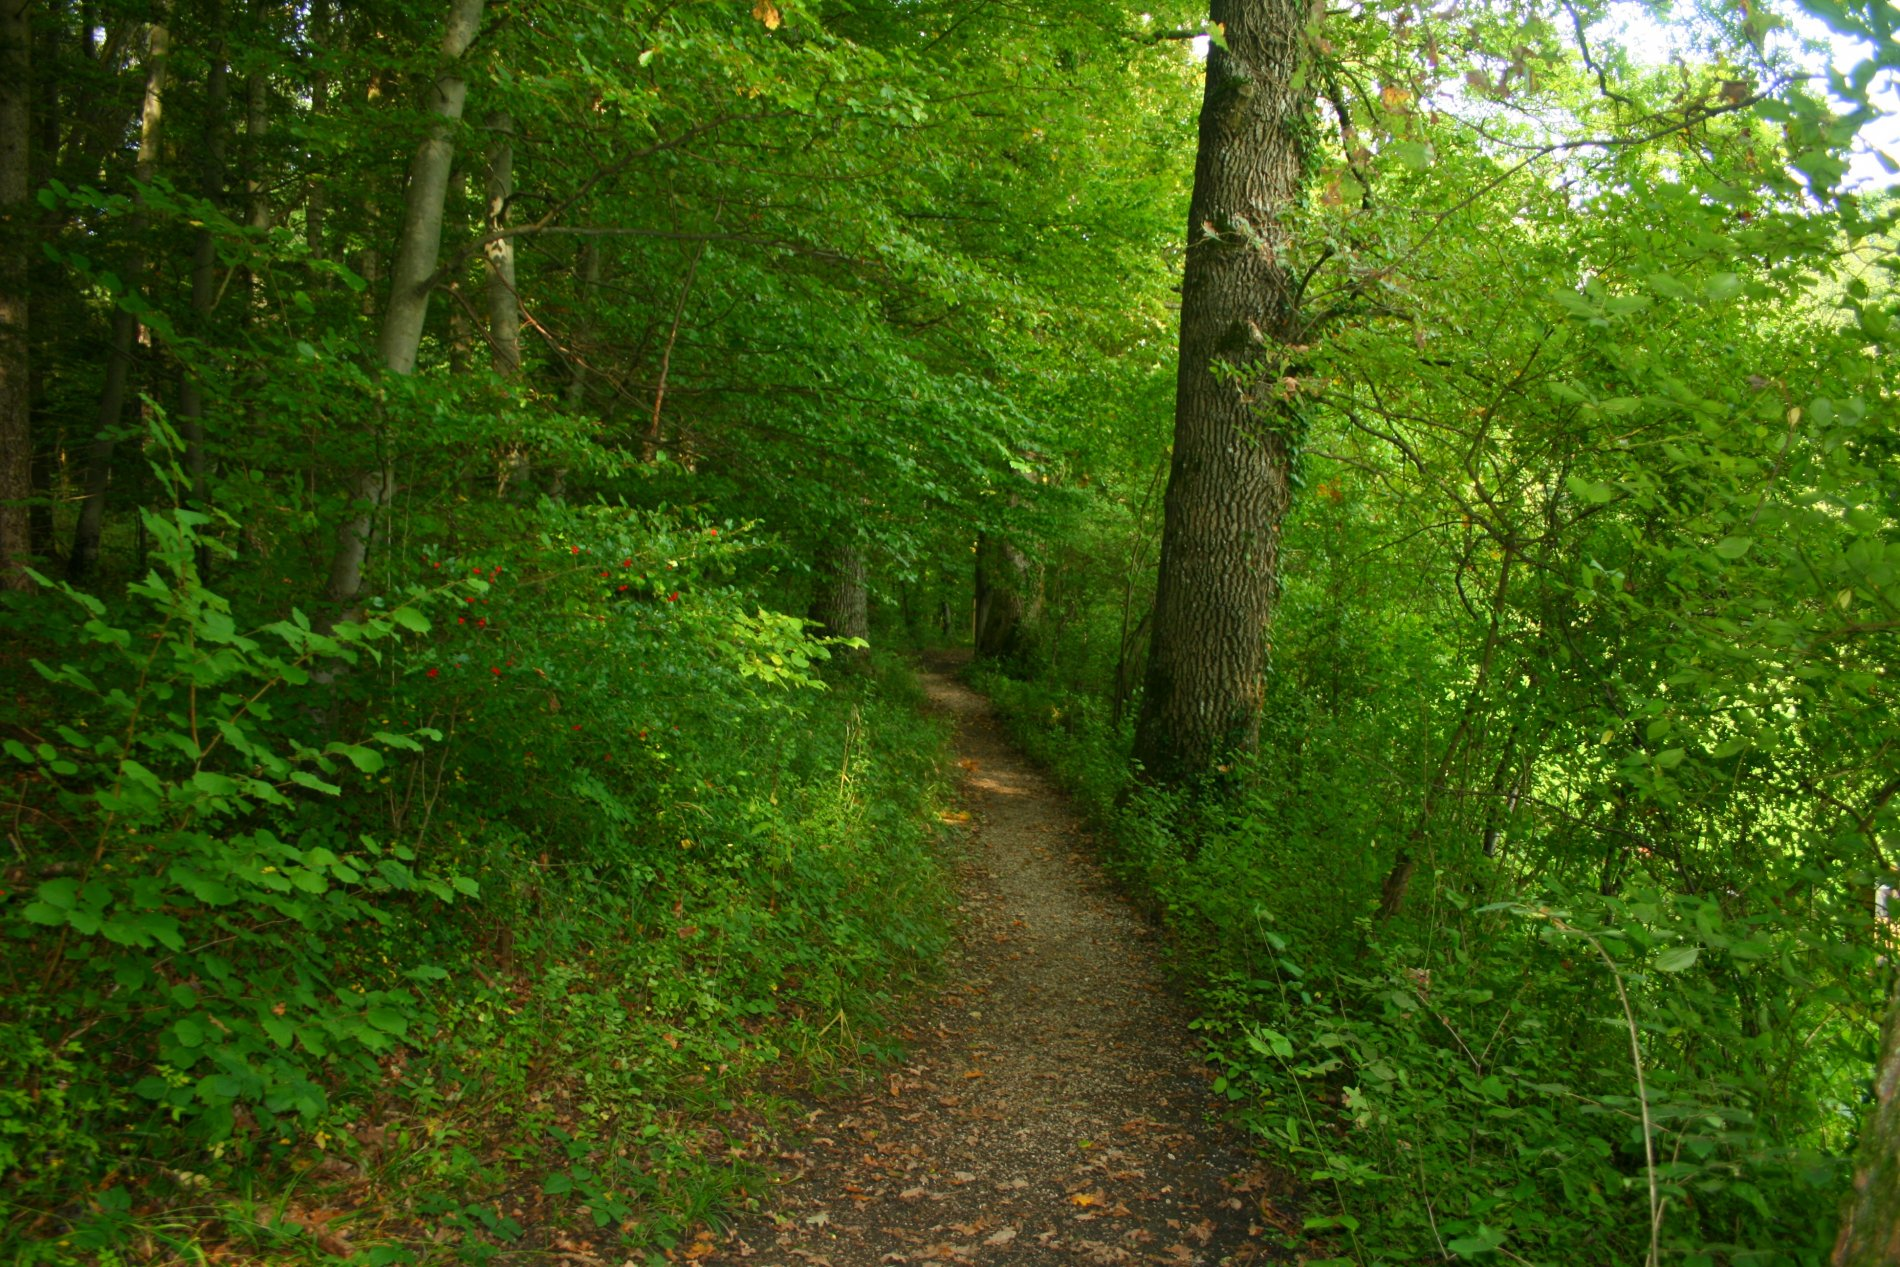 Pfad im dichten Wald